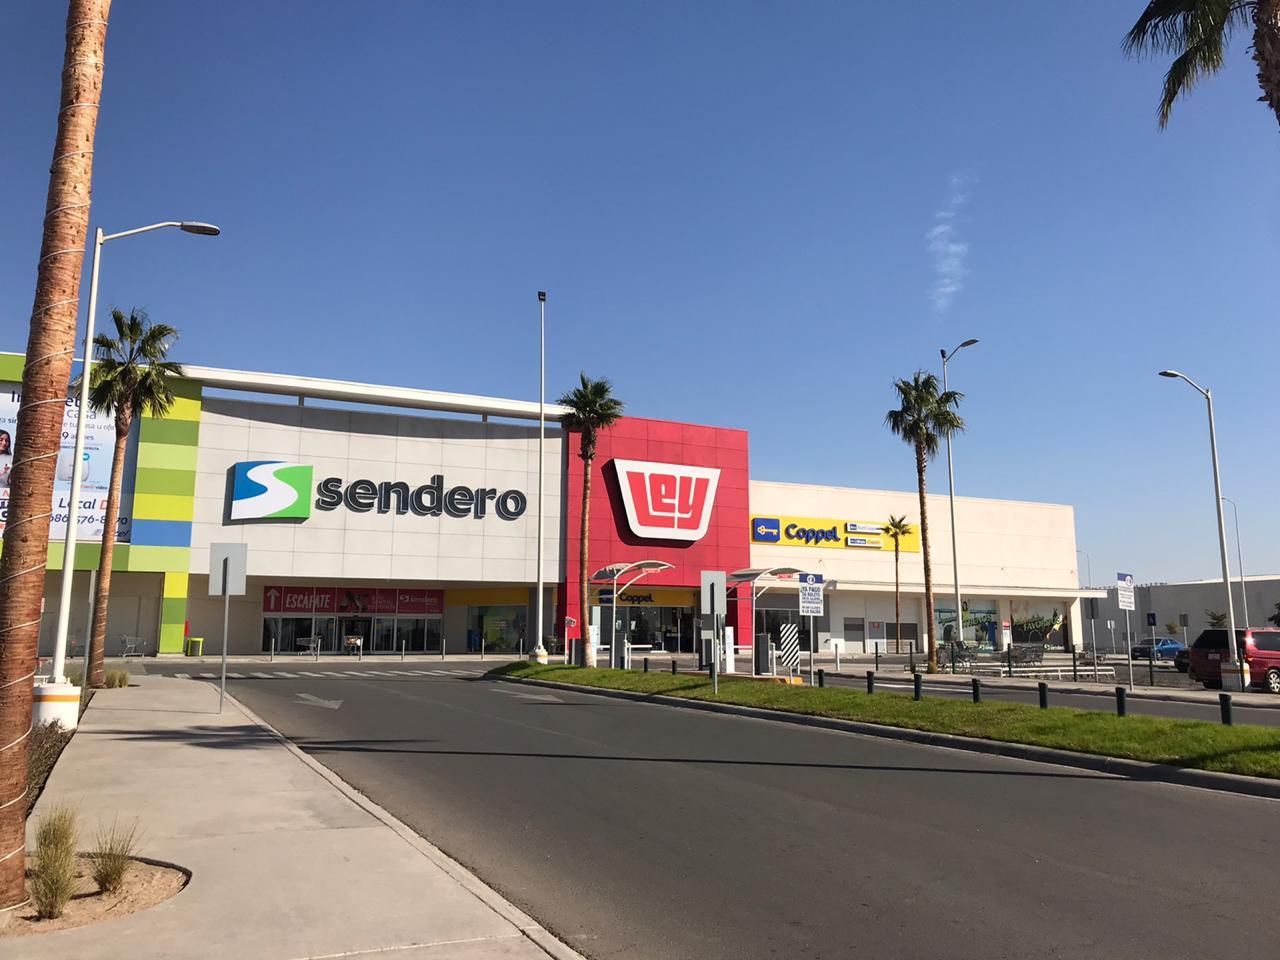 Plaza Sendero